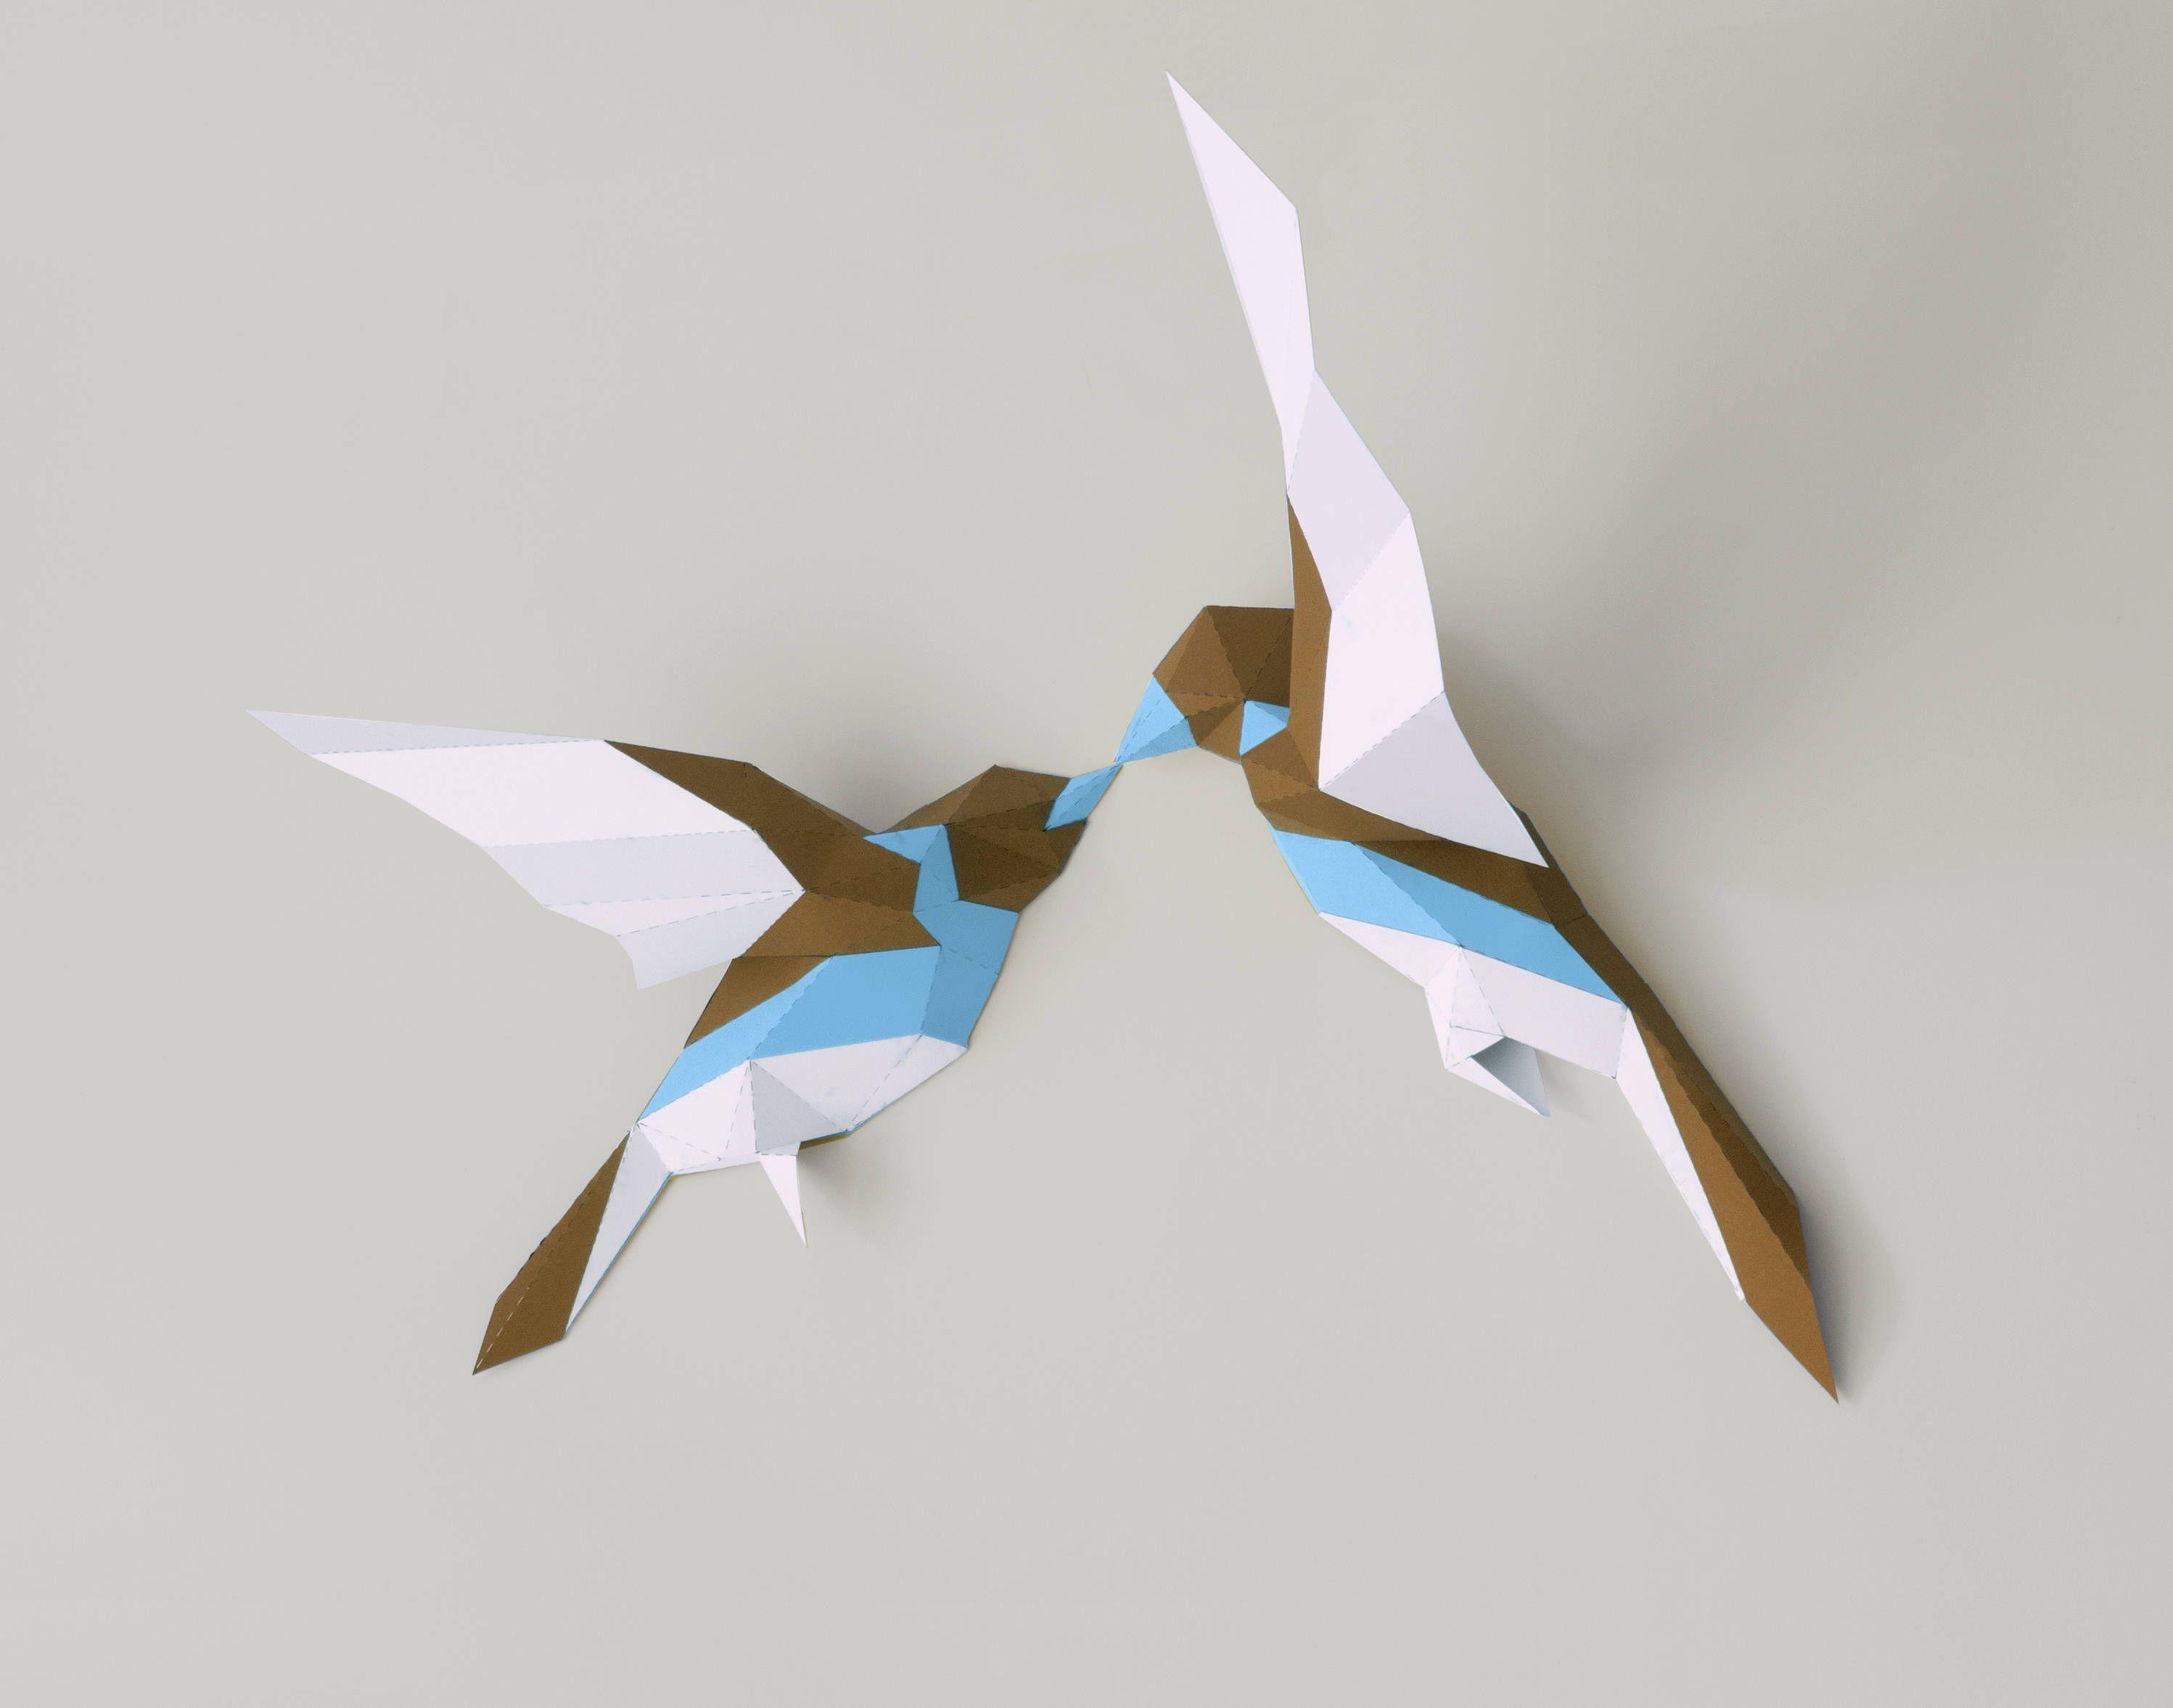 Birds PapercraftBirds Paper artPaper trophy3D papercraft3D